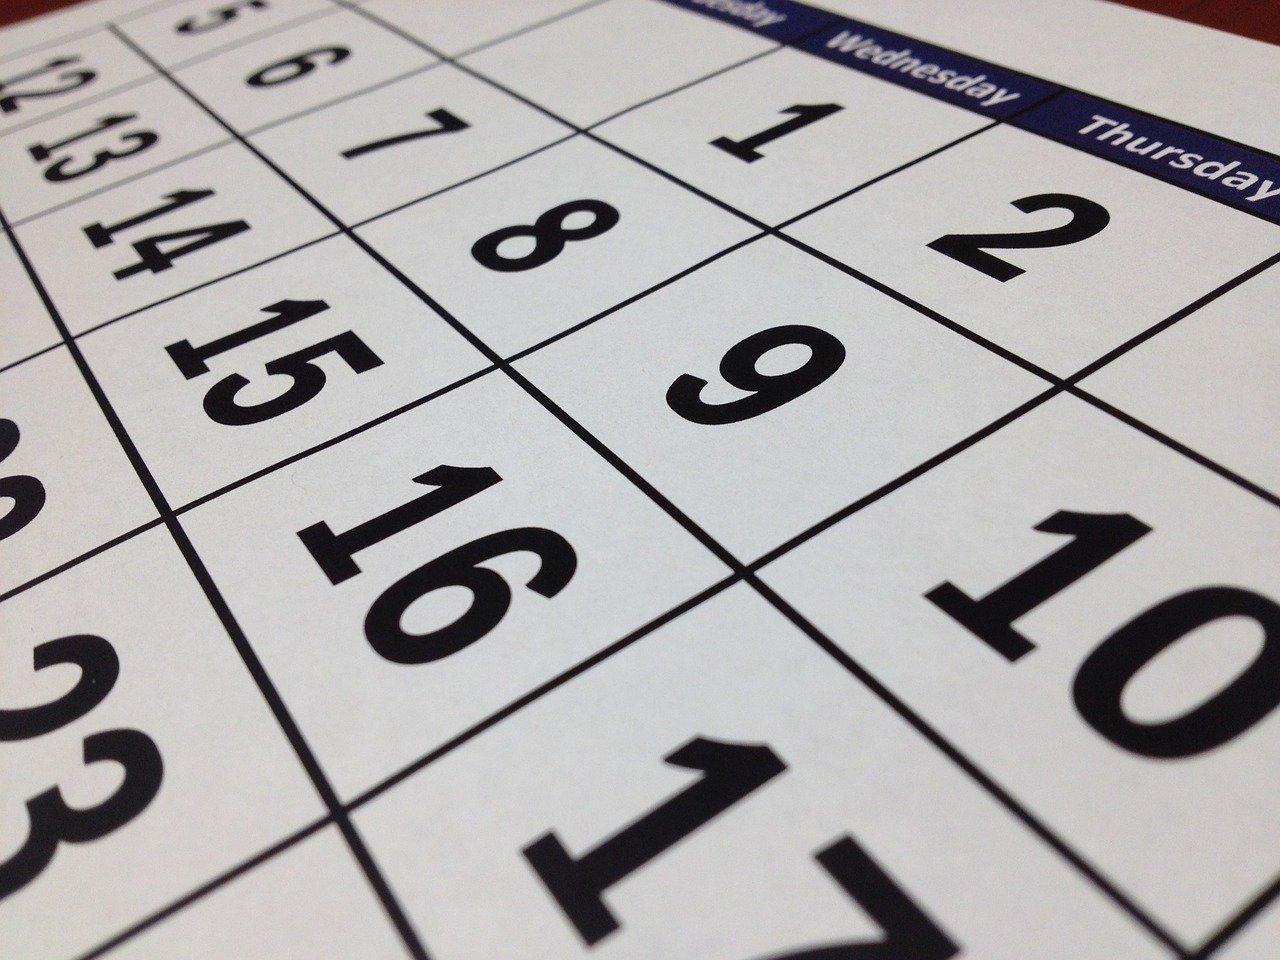 Scadenze fiscali novembre 2020: Iva, Irpef e Bollo, il calendario